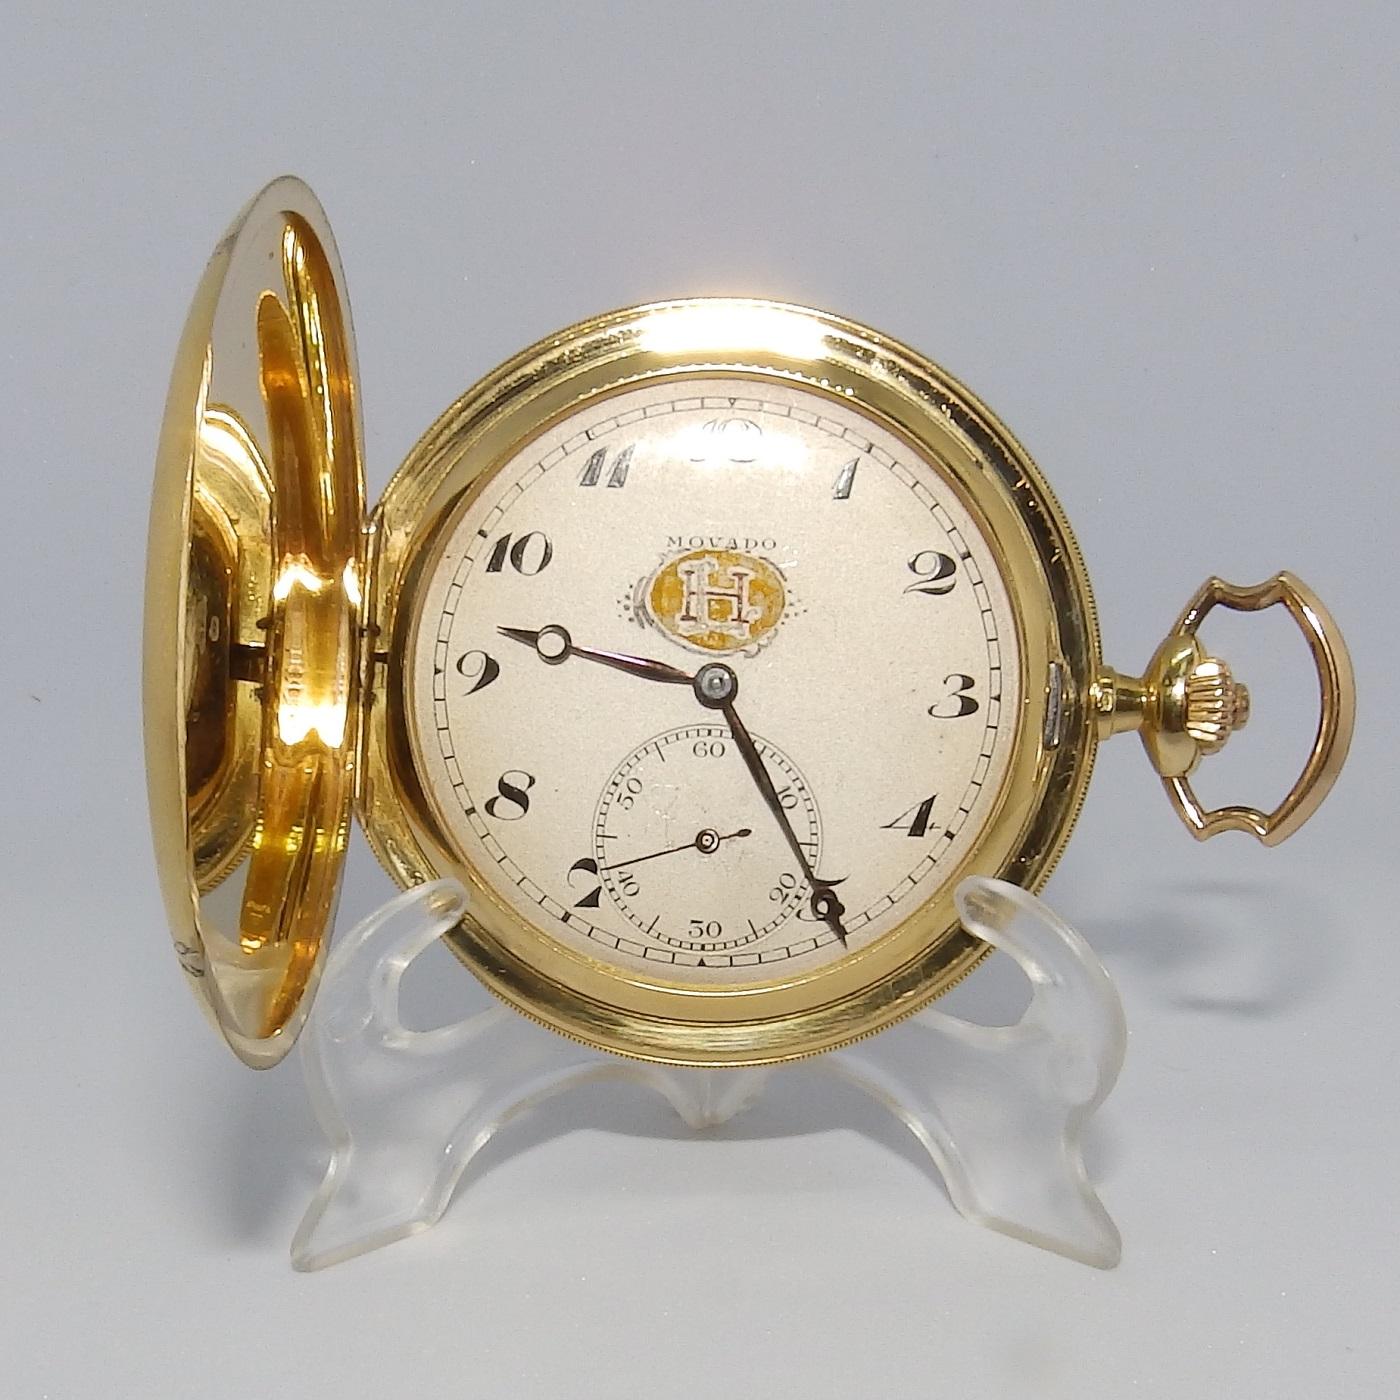 MOVADO. Reloj de Bolsillo para caballero, saboneta y remontoir. Suiza, Ca. 1910.